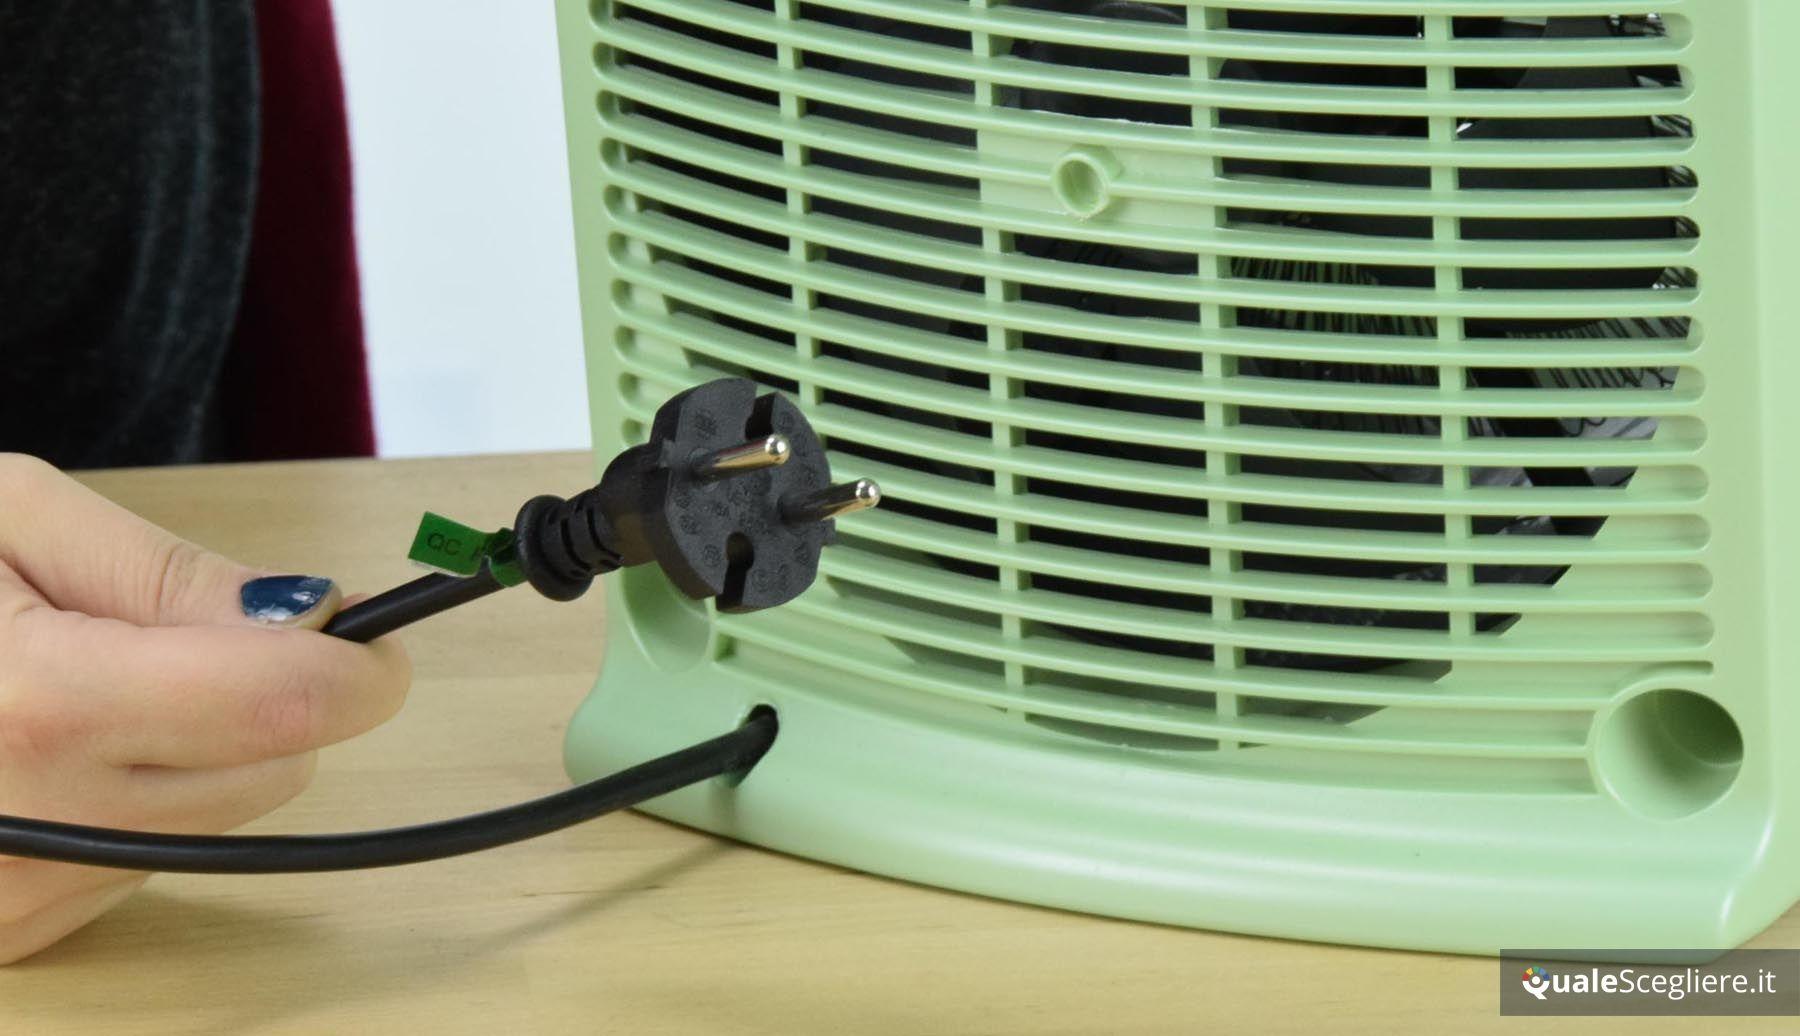 Recensione Imetec Eco Fh5 100 Qualescegliere It